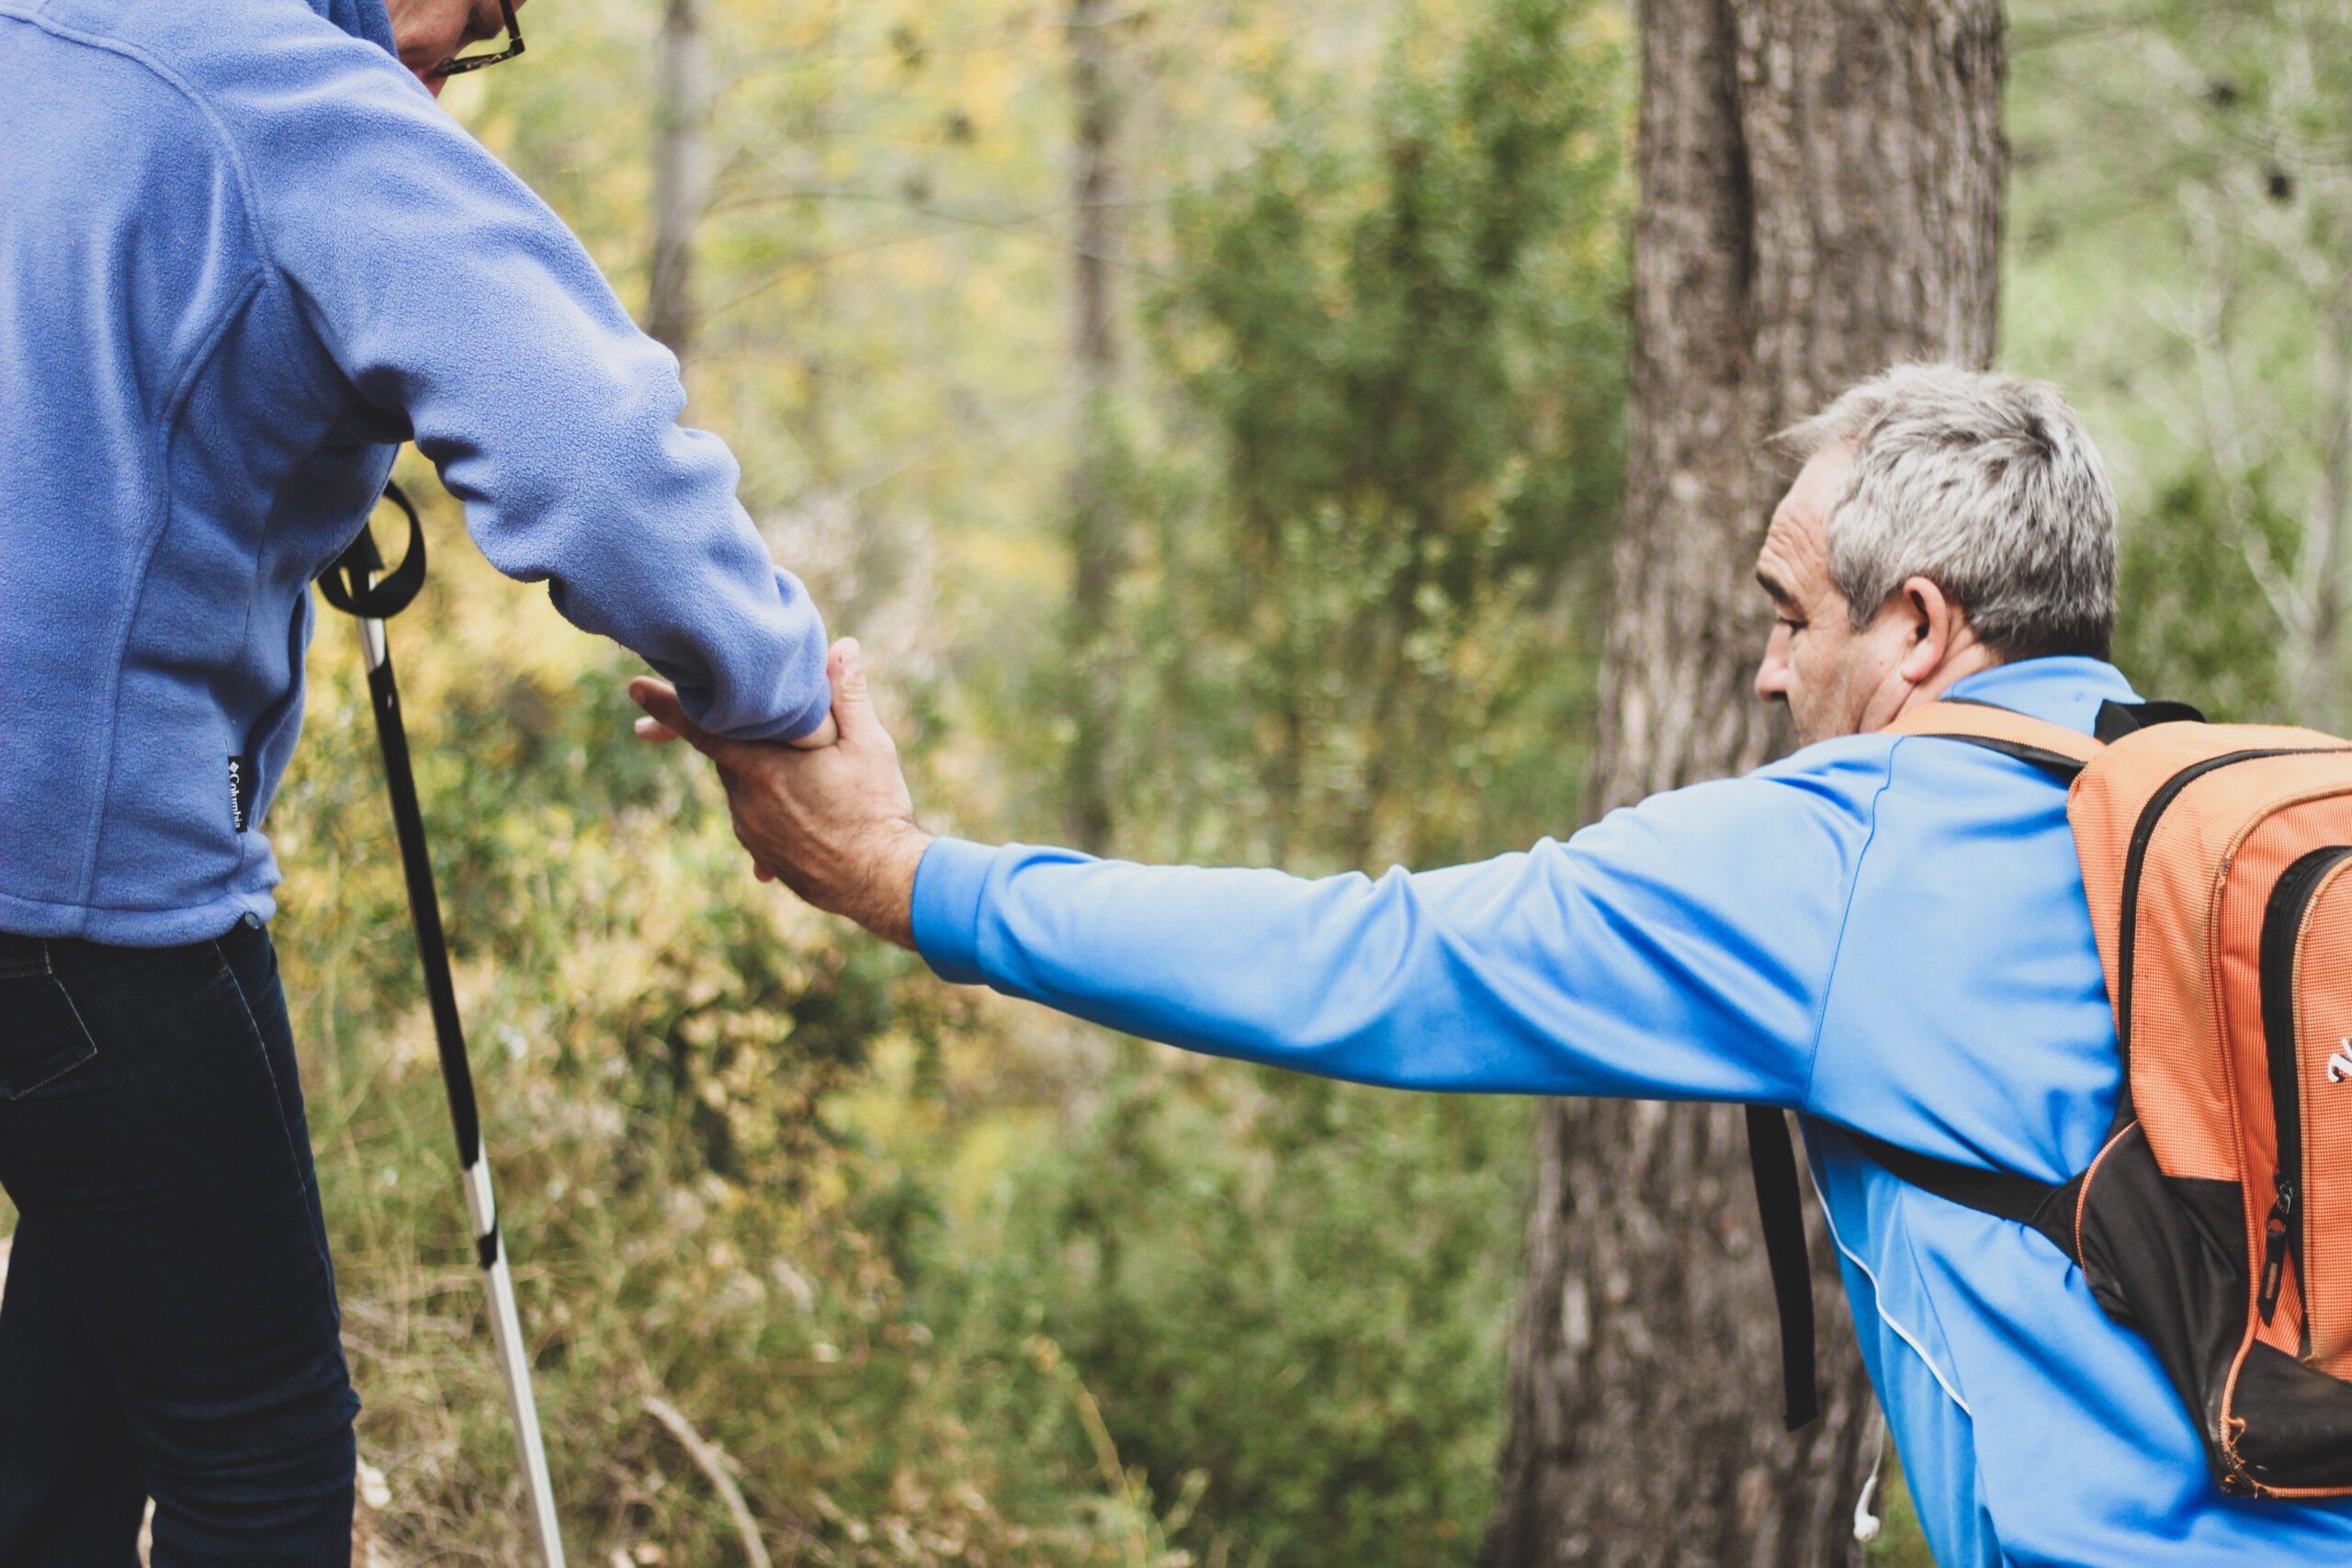 przenosne lokalizatory GPS dla seniorow